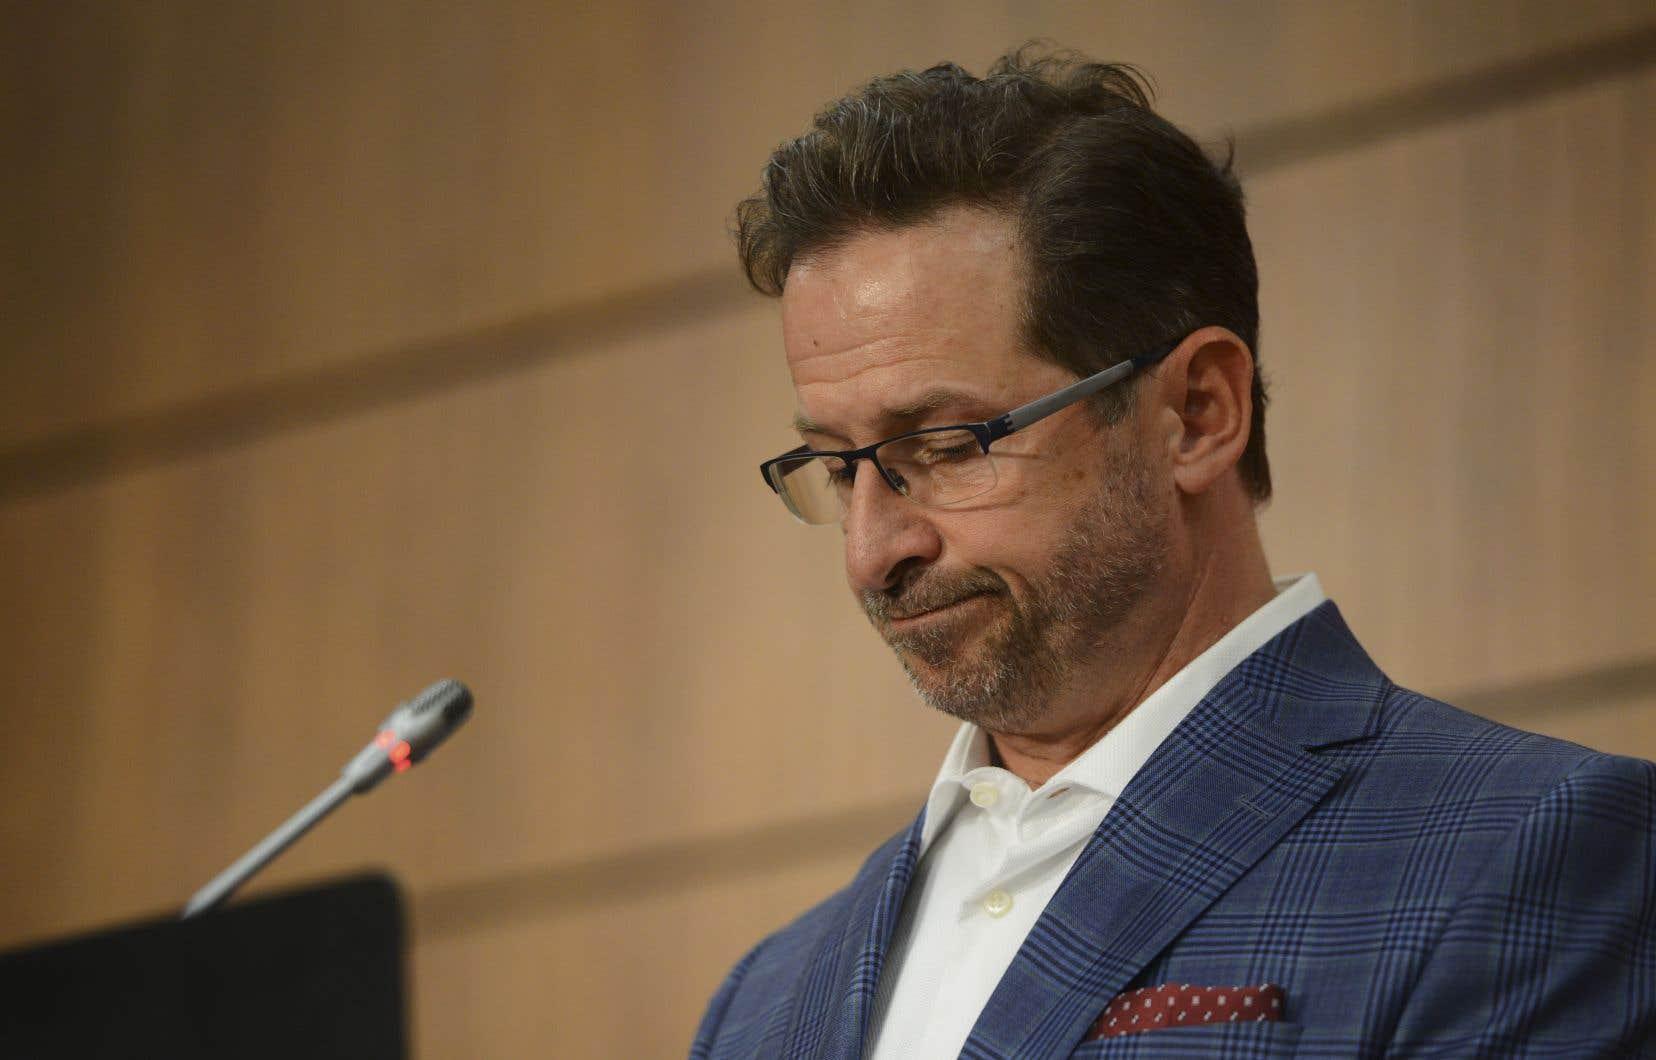 Le chef du Bloc québécois, Yves-François Blanchet, refuse de dire si son parti acceptera les conclusions d'un comité fédéral qui se penchera sur l'existence du racisme systémique au sein des services policiers au Canada.